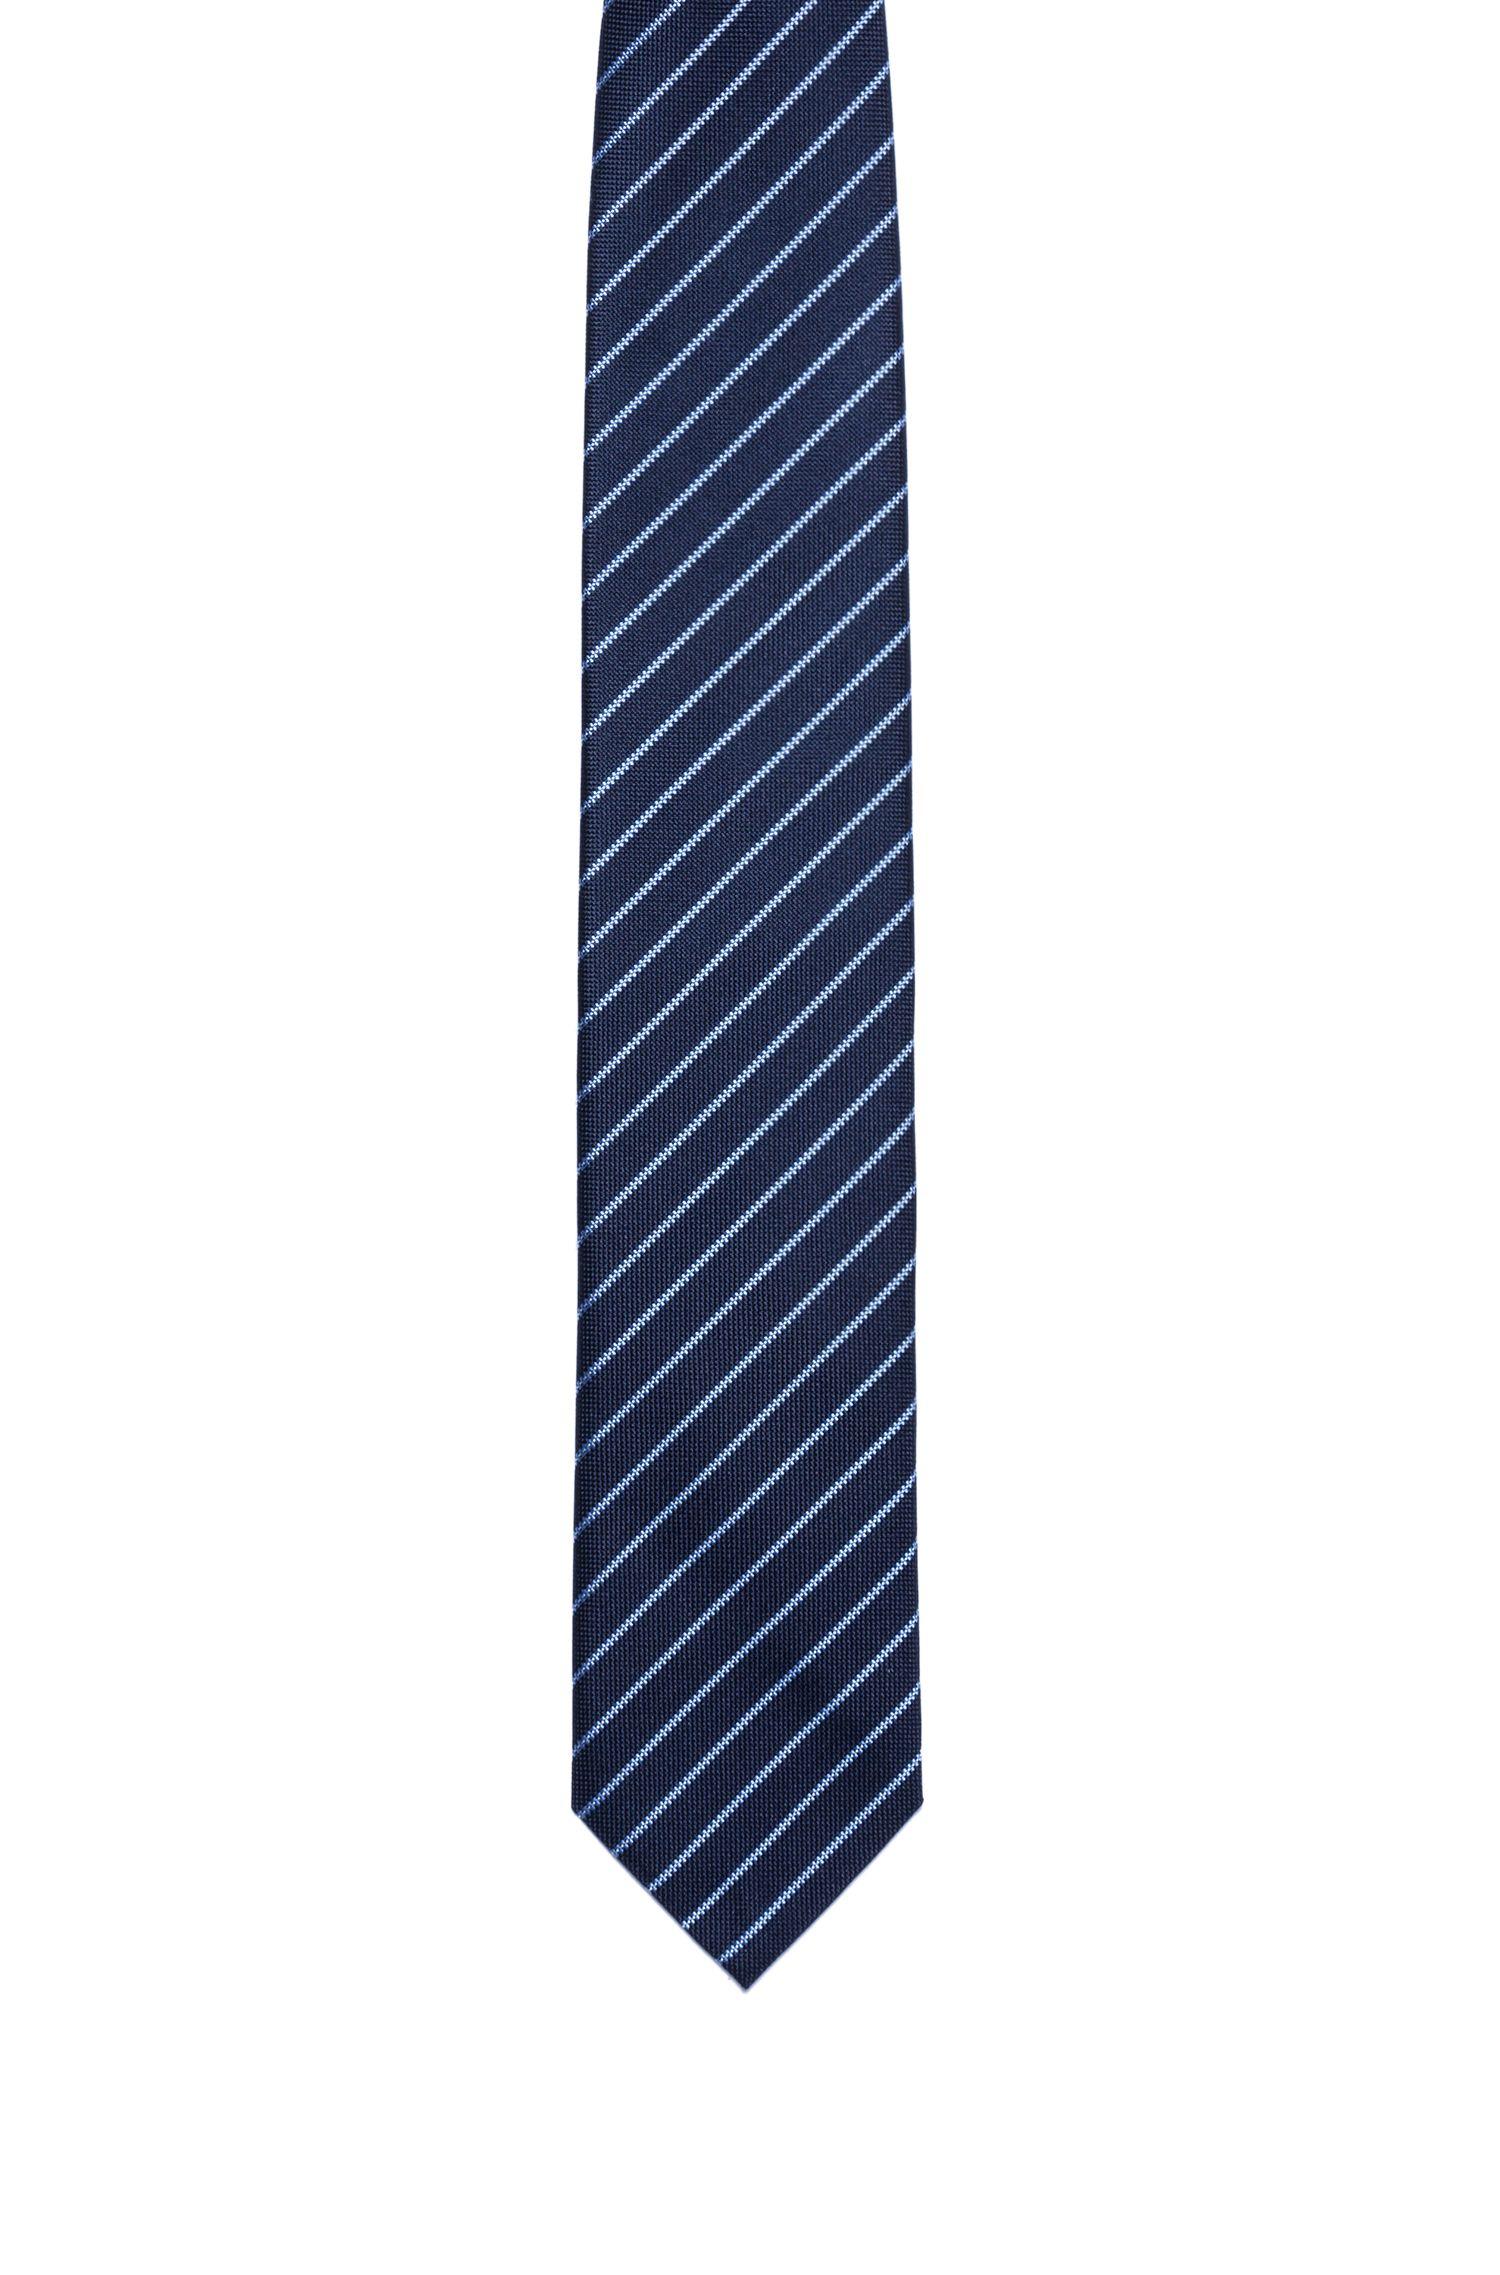 Zijden stropdas met diagonaal gestreept dessin